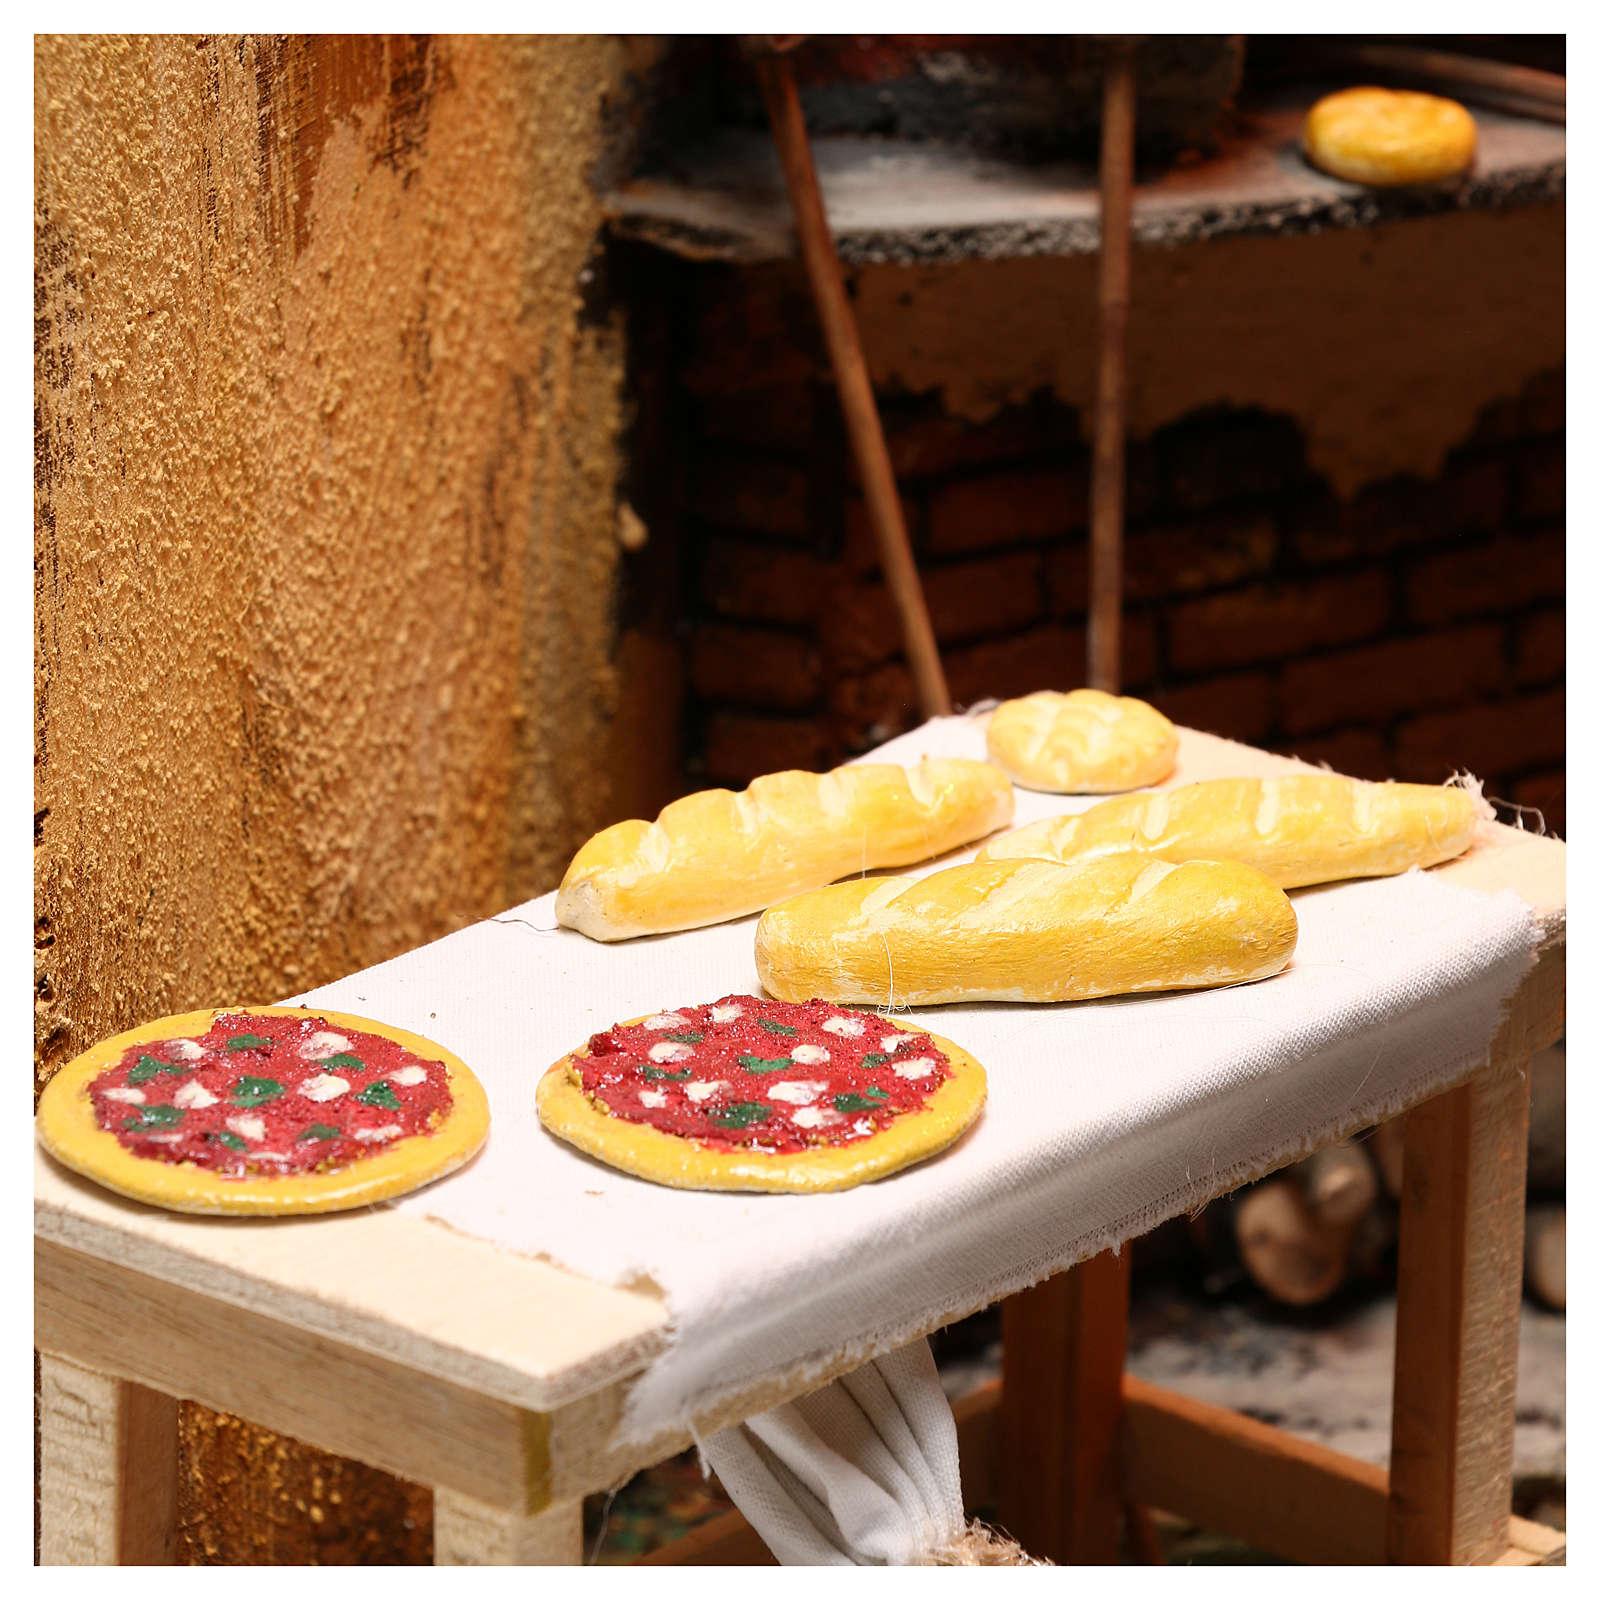 Ambientación panadería belén napolitano 24 cm 4